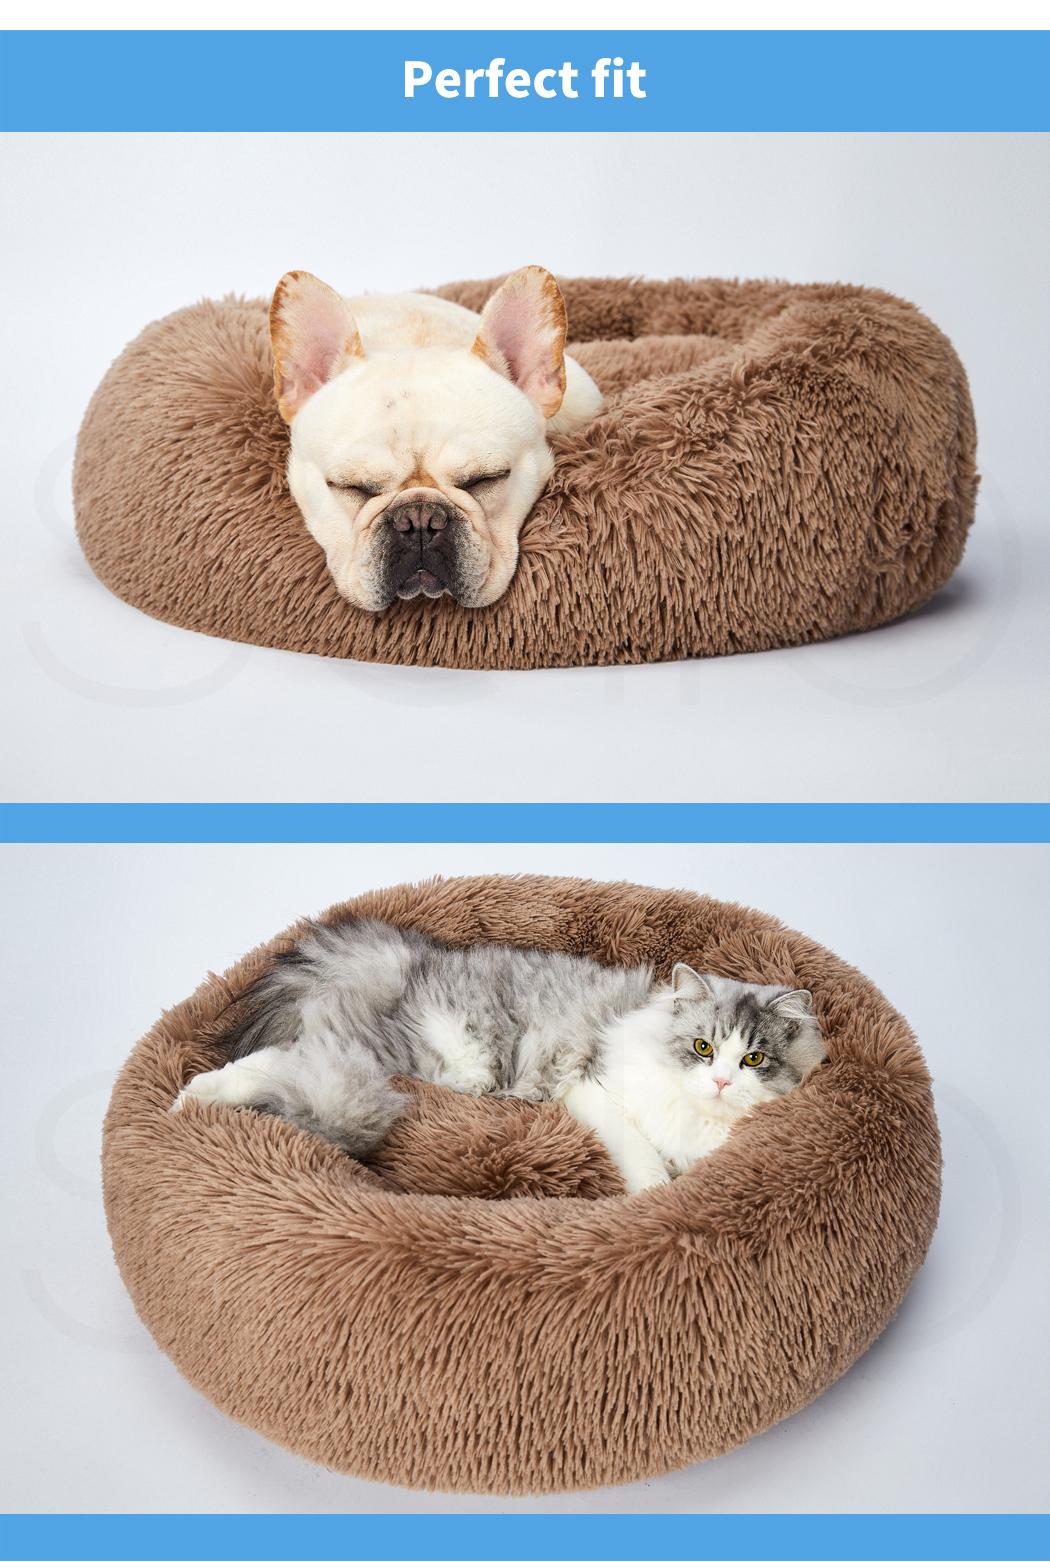 thumbnail 151 - PaWz Pet Bed Cat Dog Donut Nest Calming Mat Soft Plush Kennel Cave Deep Sleeping